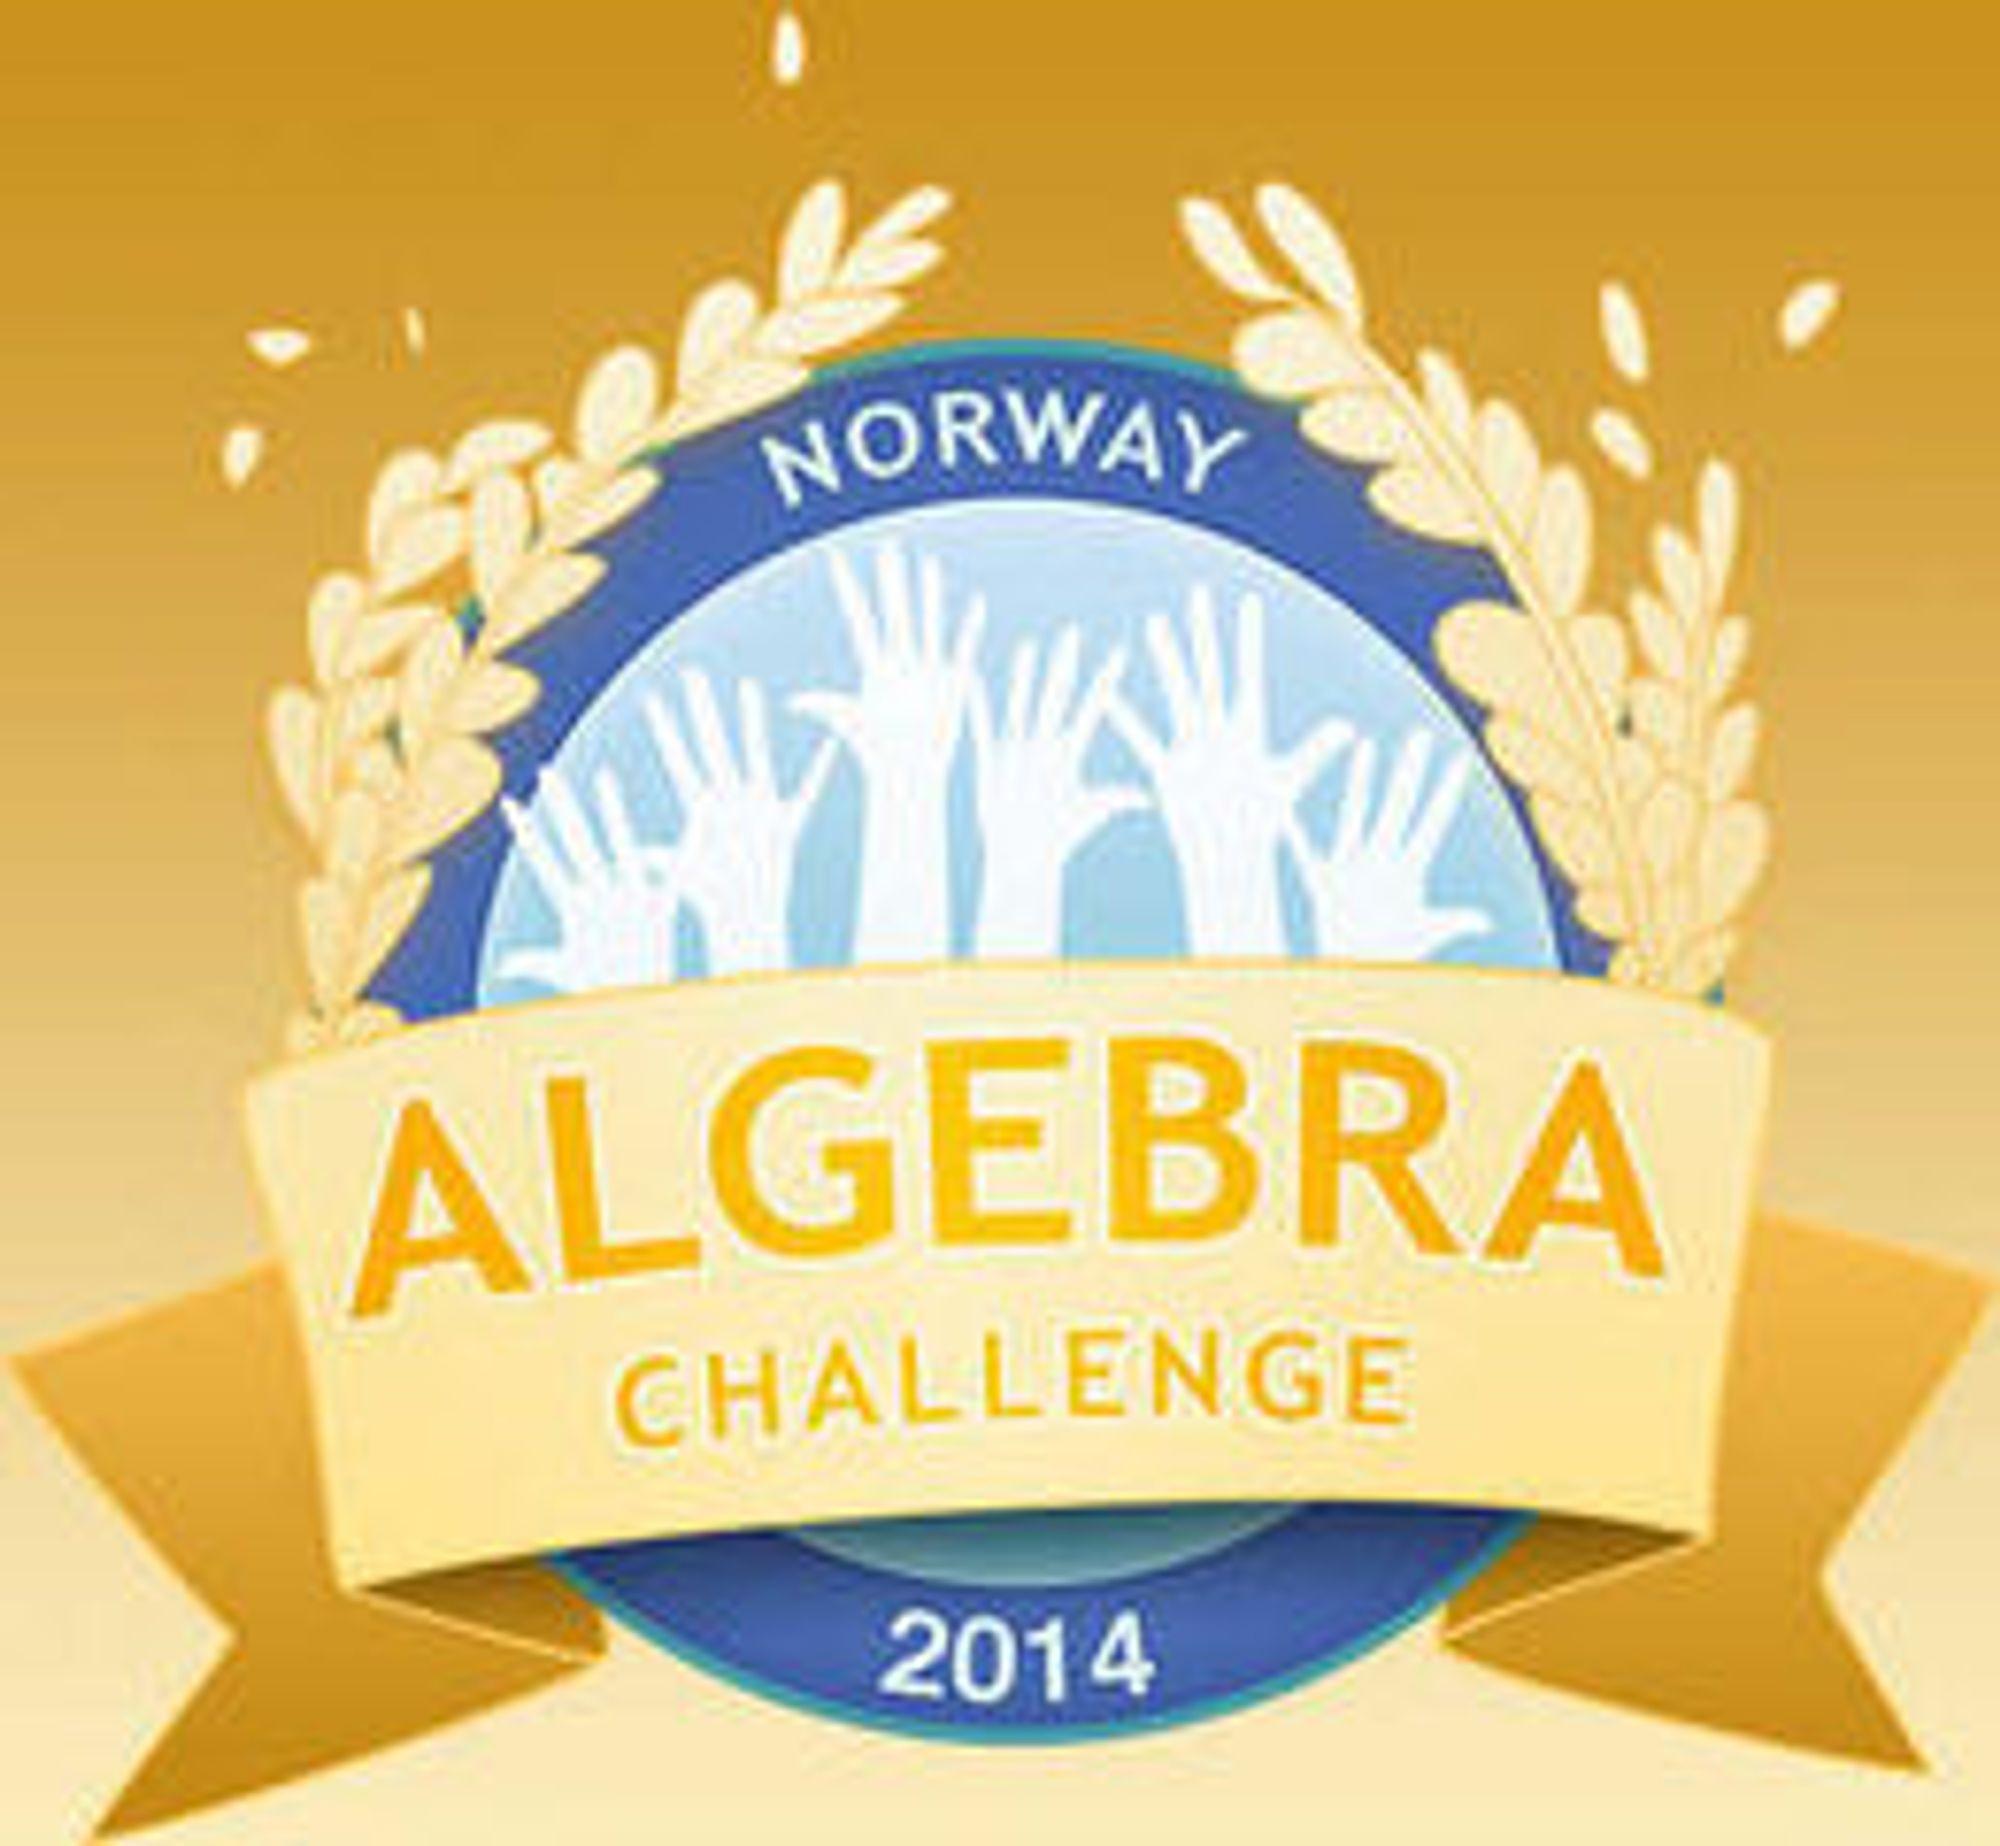 Algebra Challenge Norway engasjerer 40 000 elever på alle trinn. Konkurransen bygger på det norskutviklede spillet DragonBox, og avsluttes fredag ettermiddag.